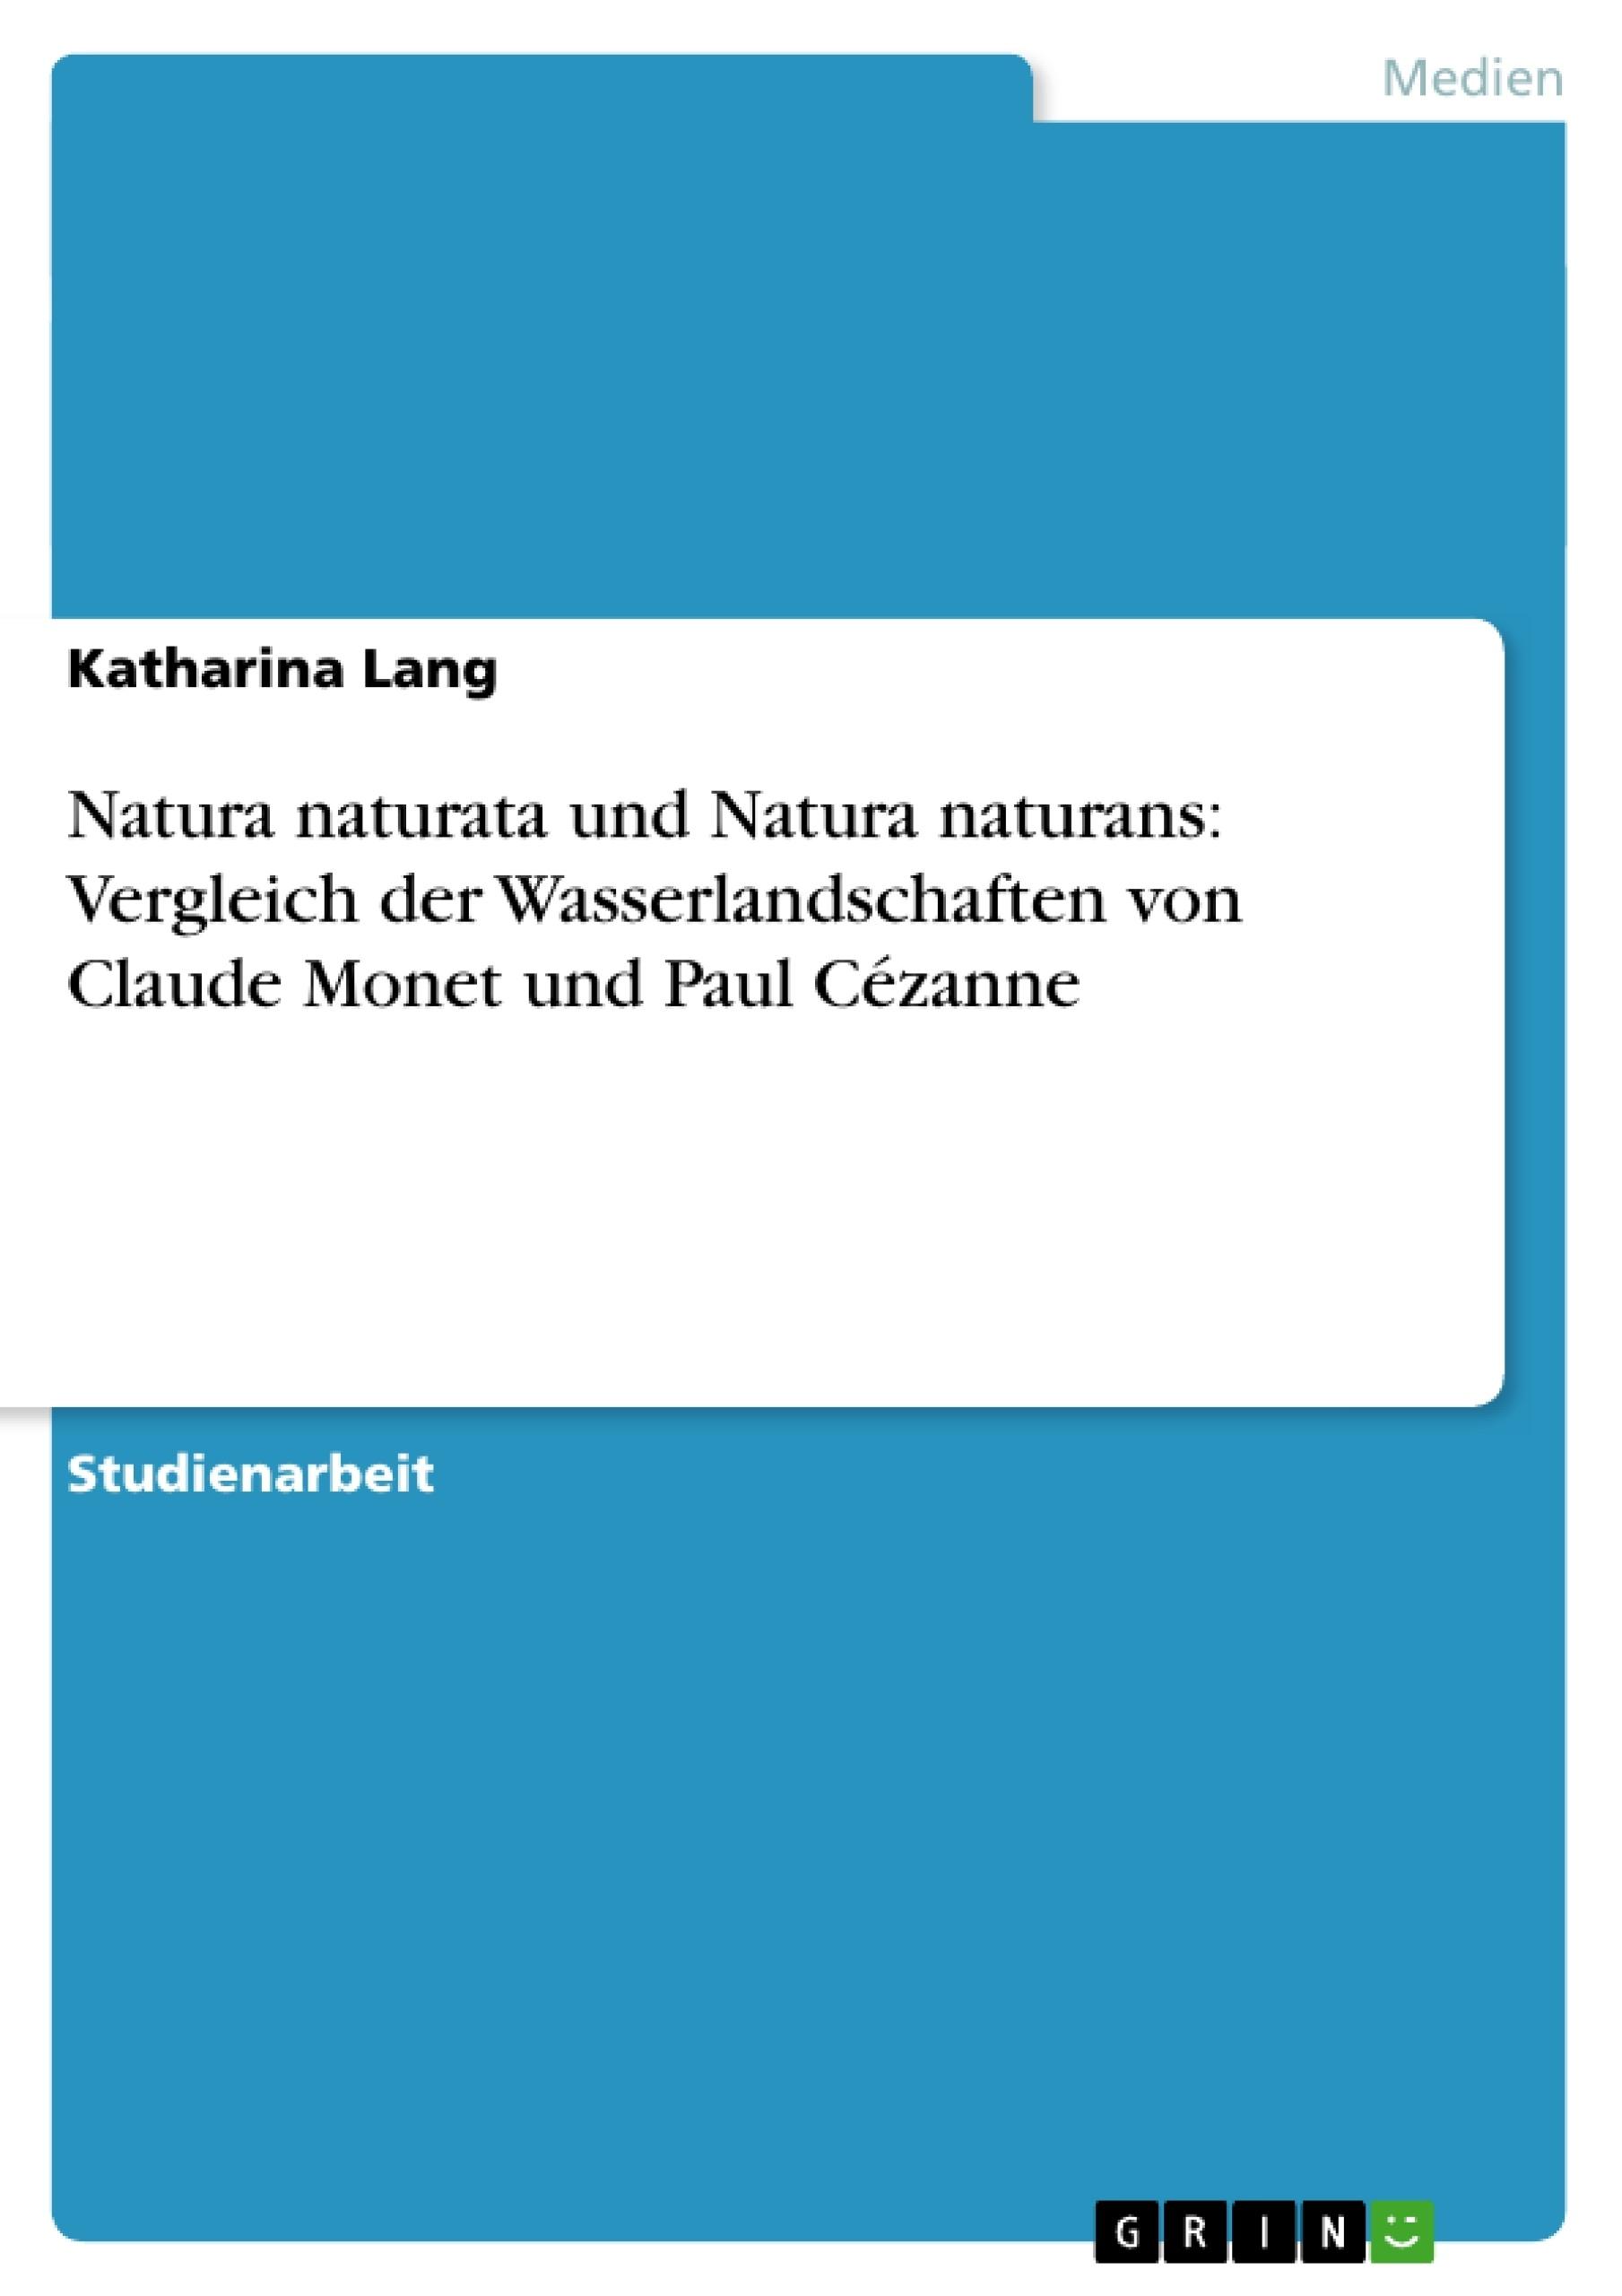 natura naturata und natura naturans vergleich der wasserlandschaften von claude monet und paul czanne german edition